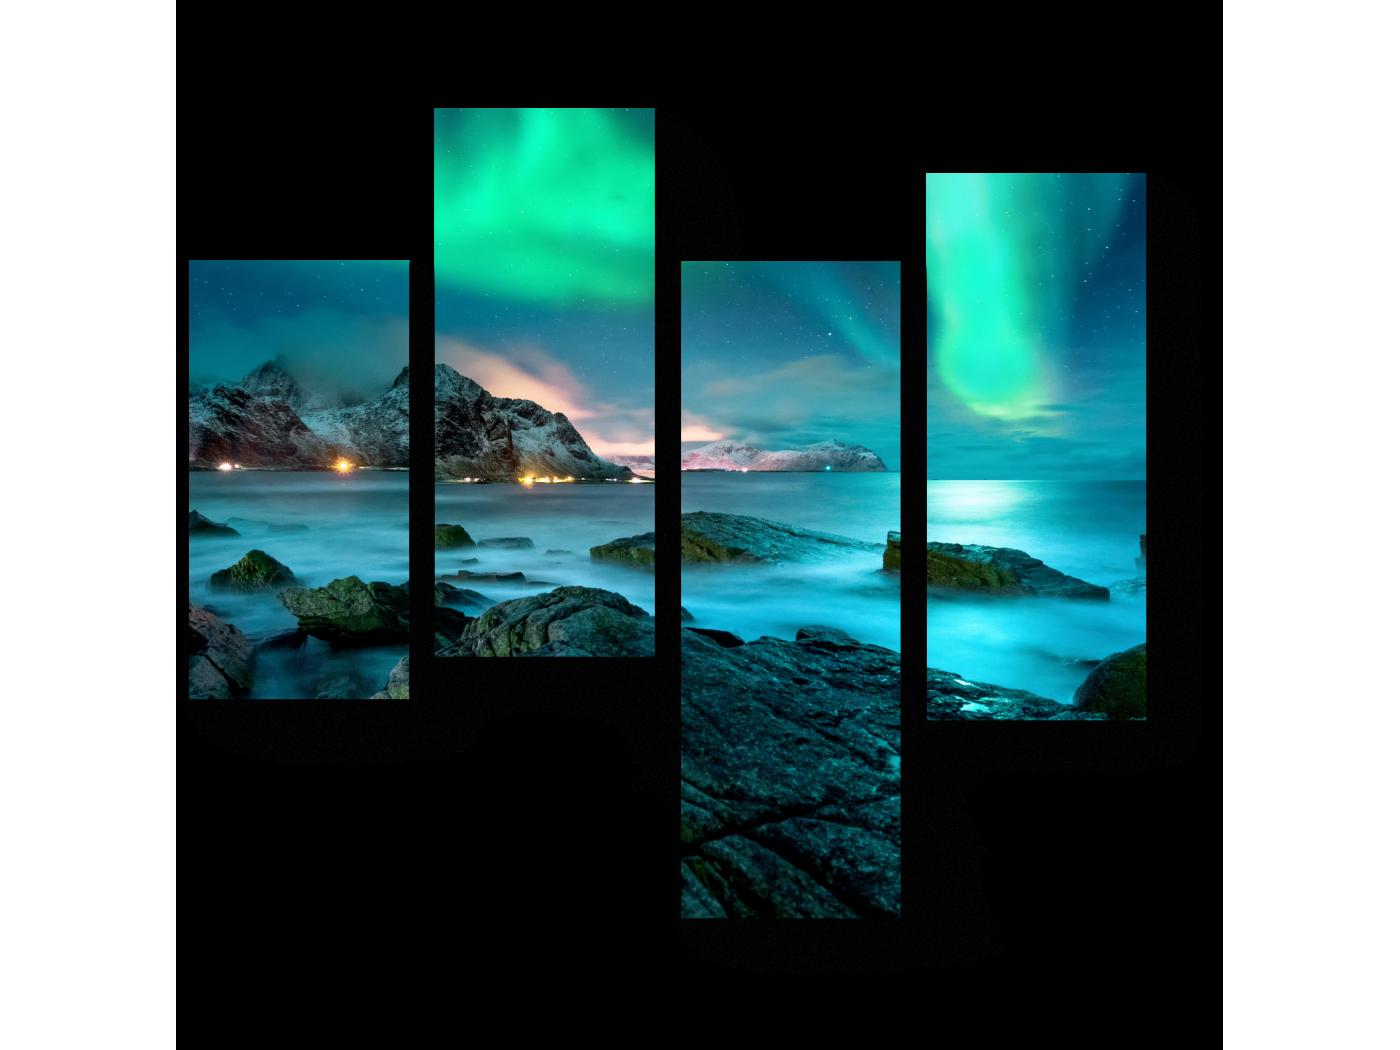 Модульная картина Лазурный свет (64x60) фото